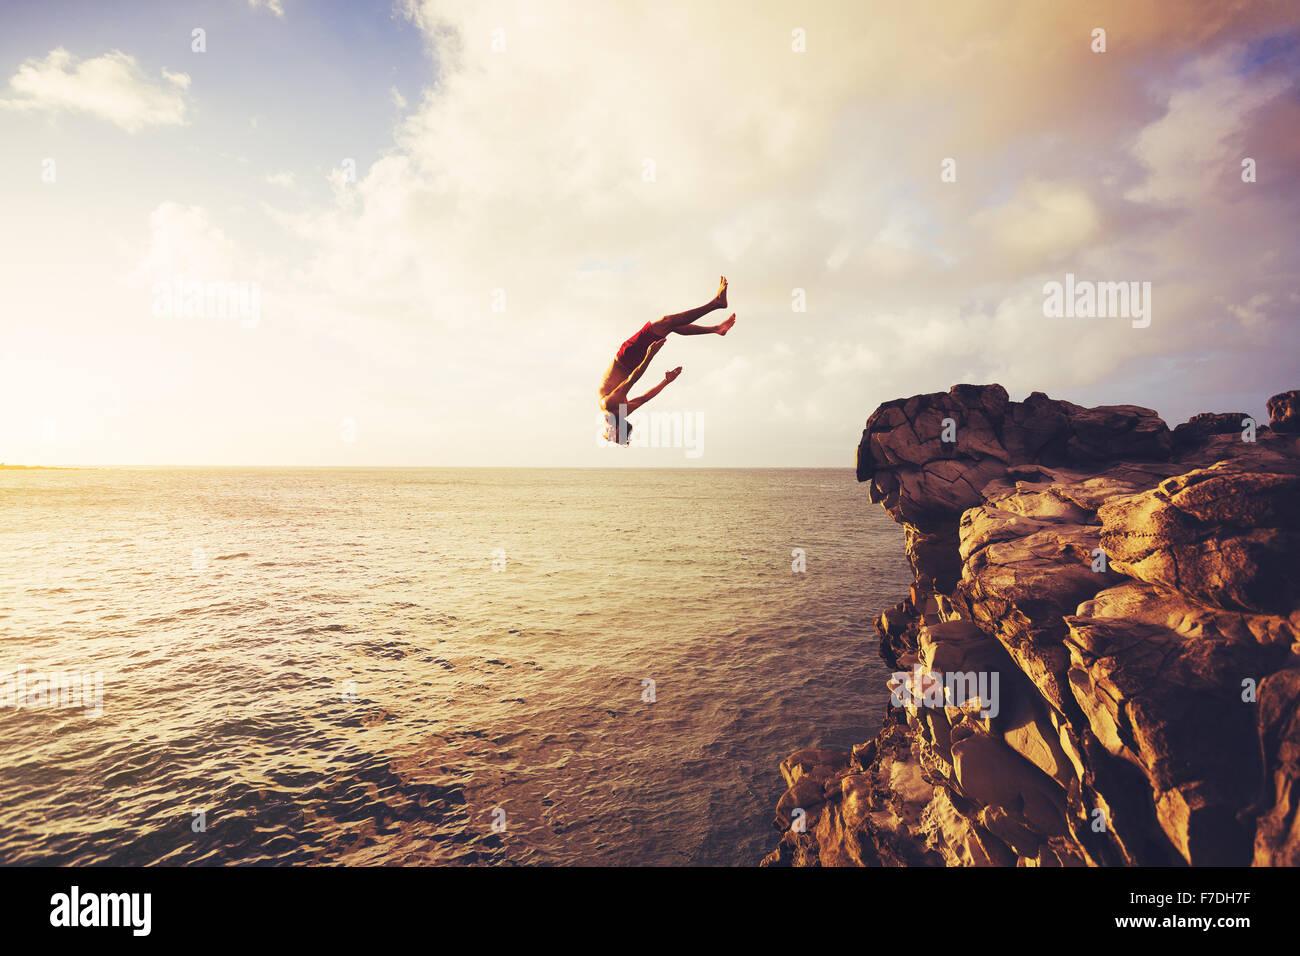 Cliff saltar en el océano al atardecer, Summer Fun Lifestyle Imagen De Stock